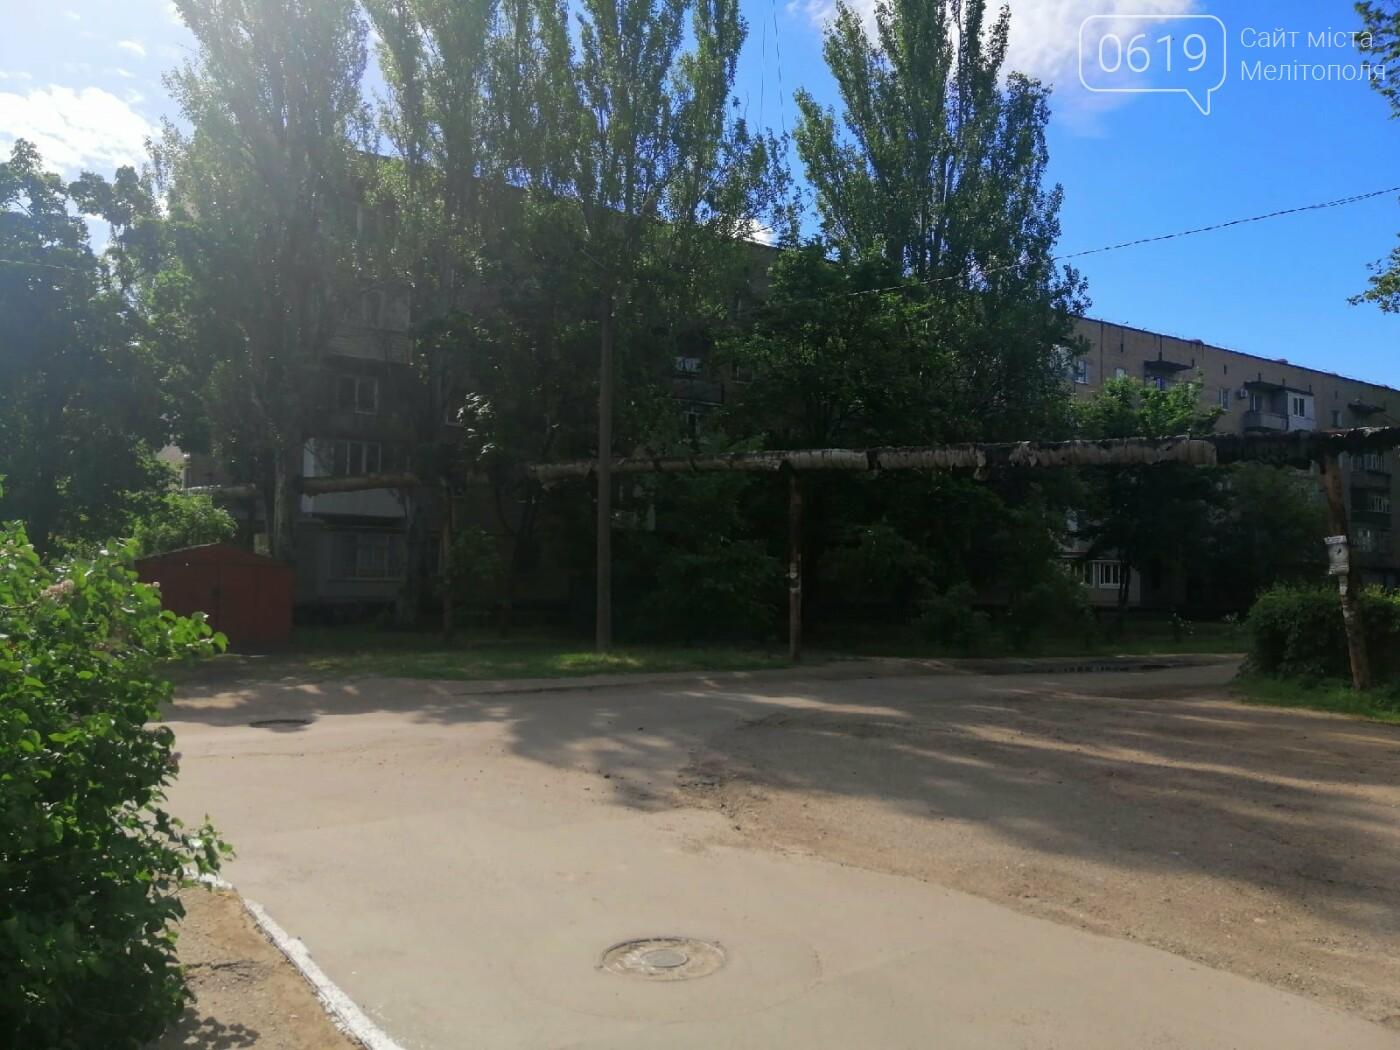 """Дерево """"вросло"""" в трубу теплосети: мелитопольцы обеспокоены последствиями, фото-5"""